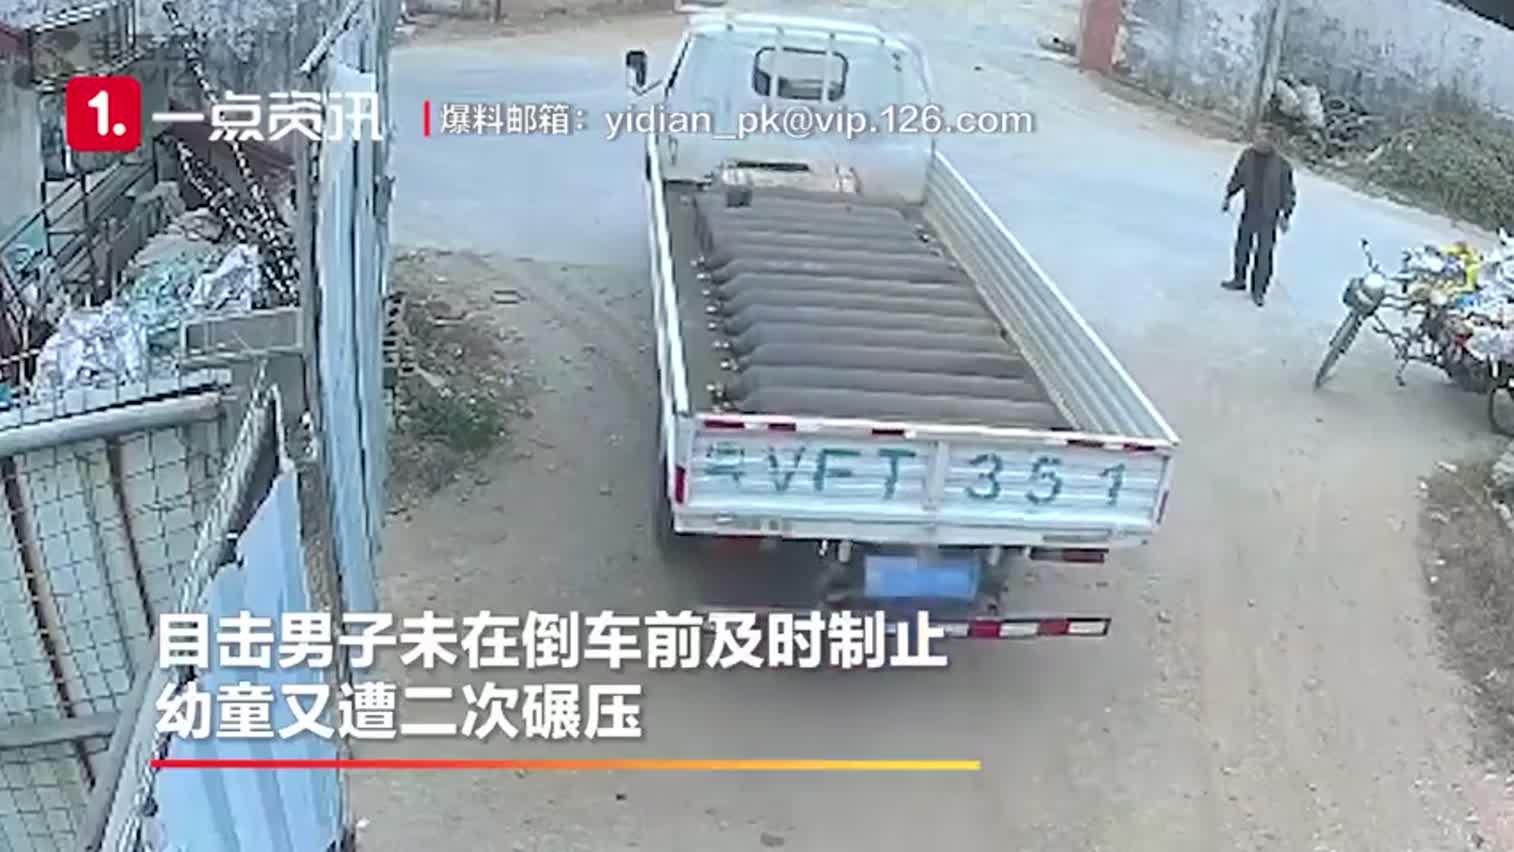 视频:看车撞倒幼童却不及时提醒?广东揭阳三岁幼童